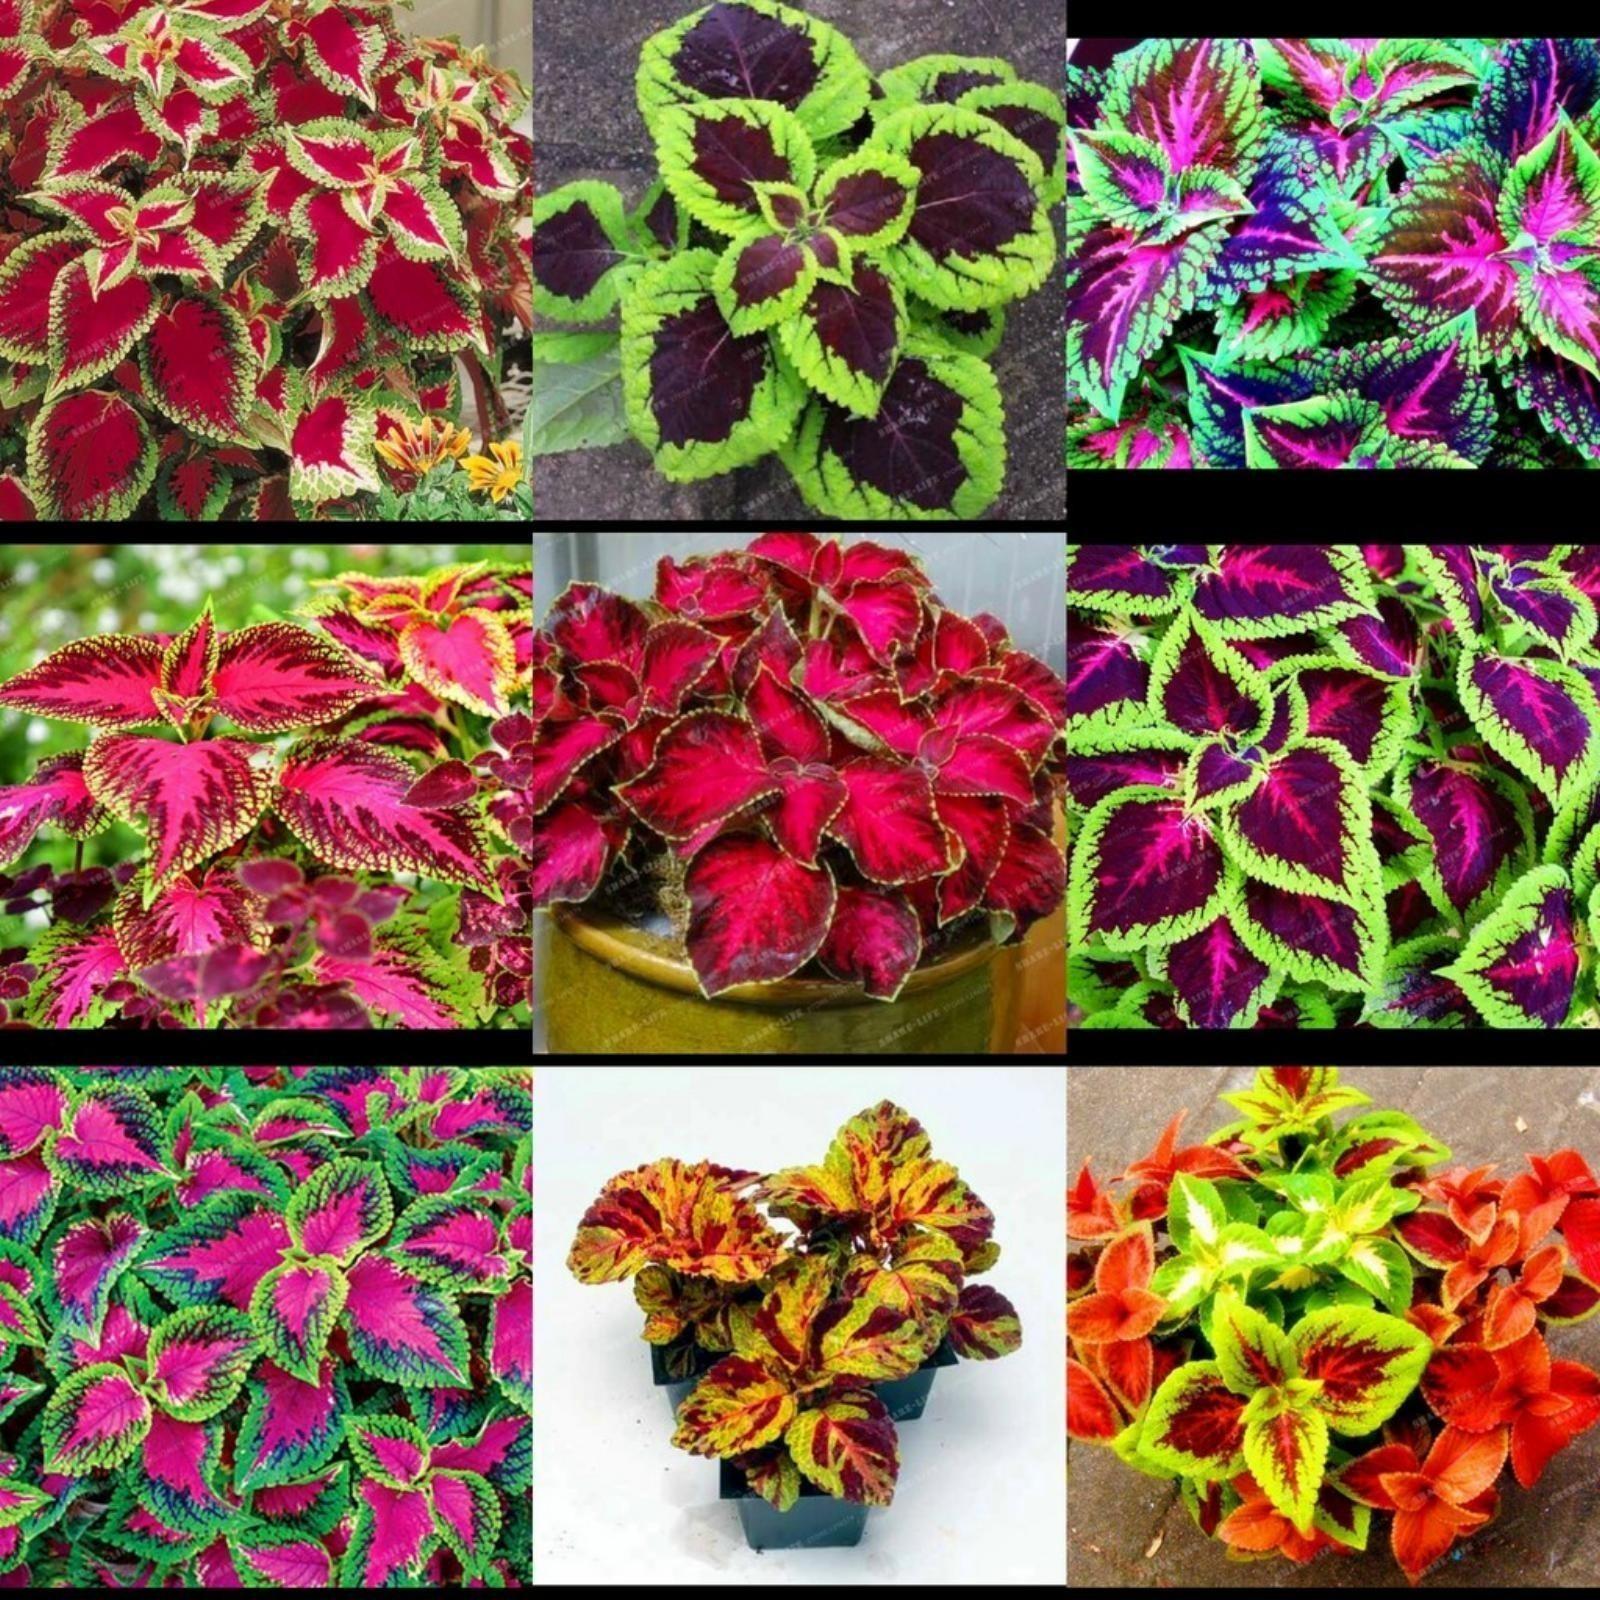 Semillas de r bano flamboyant 3 for Semillas de cactus chile